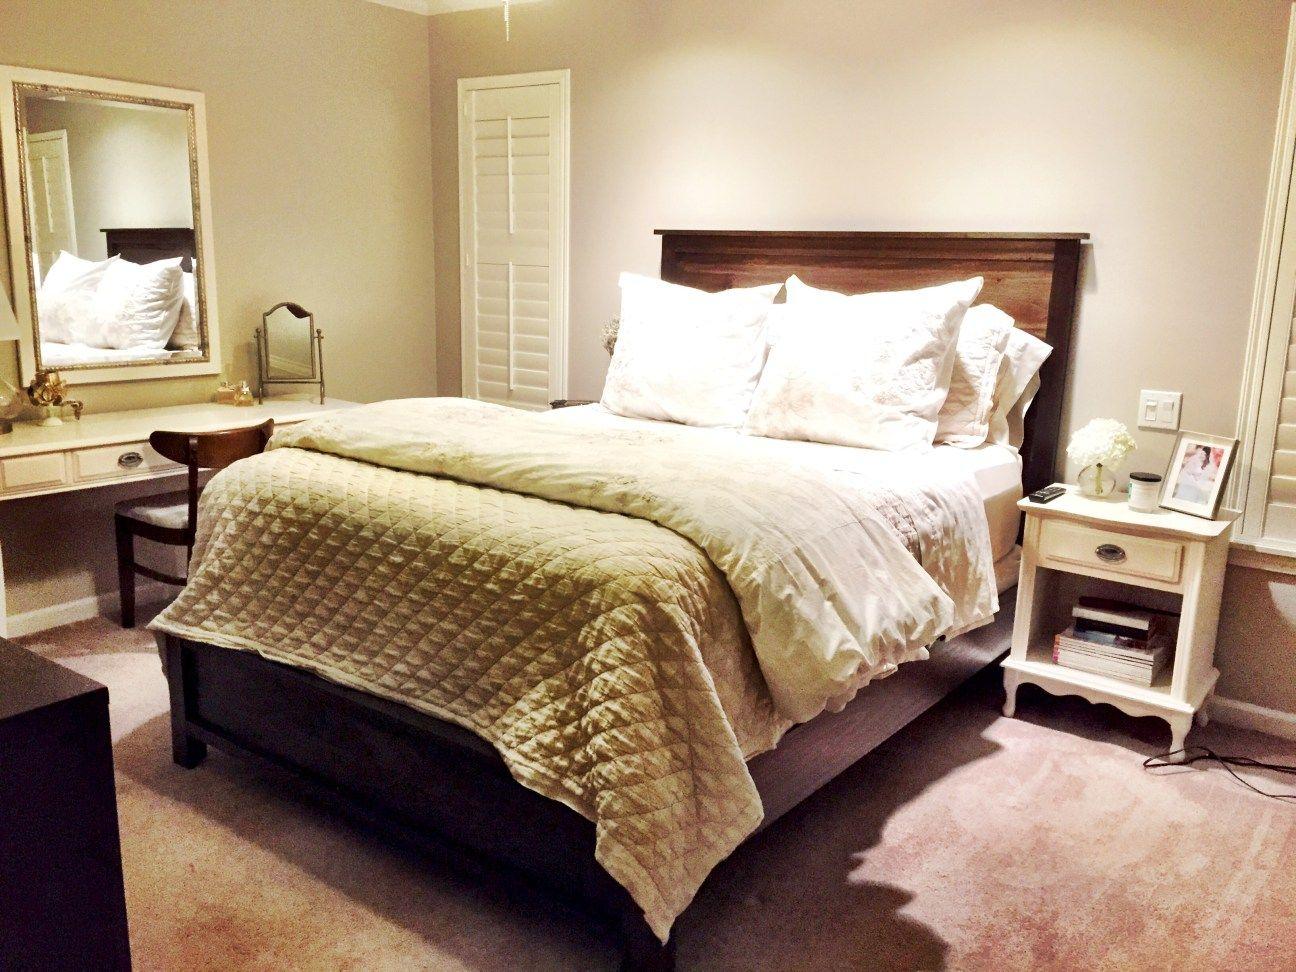 Headboard and Bed Frame DIY Diy bed frame, Bed frame